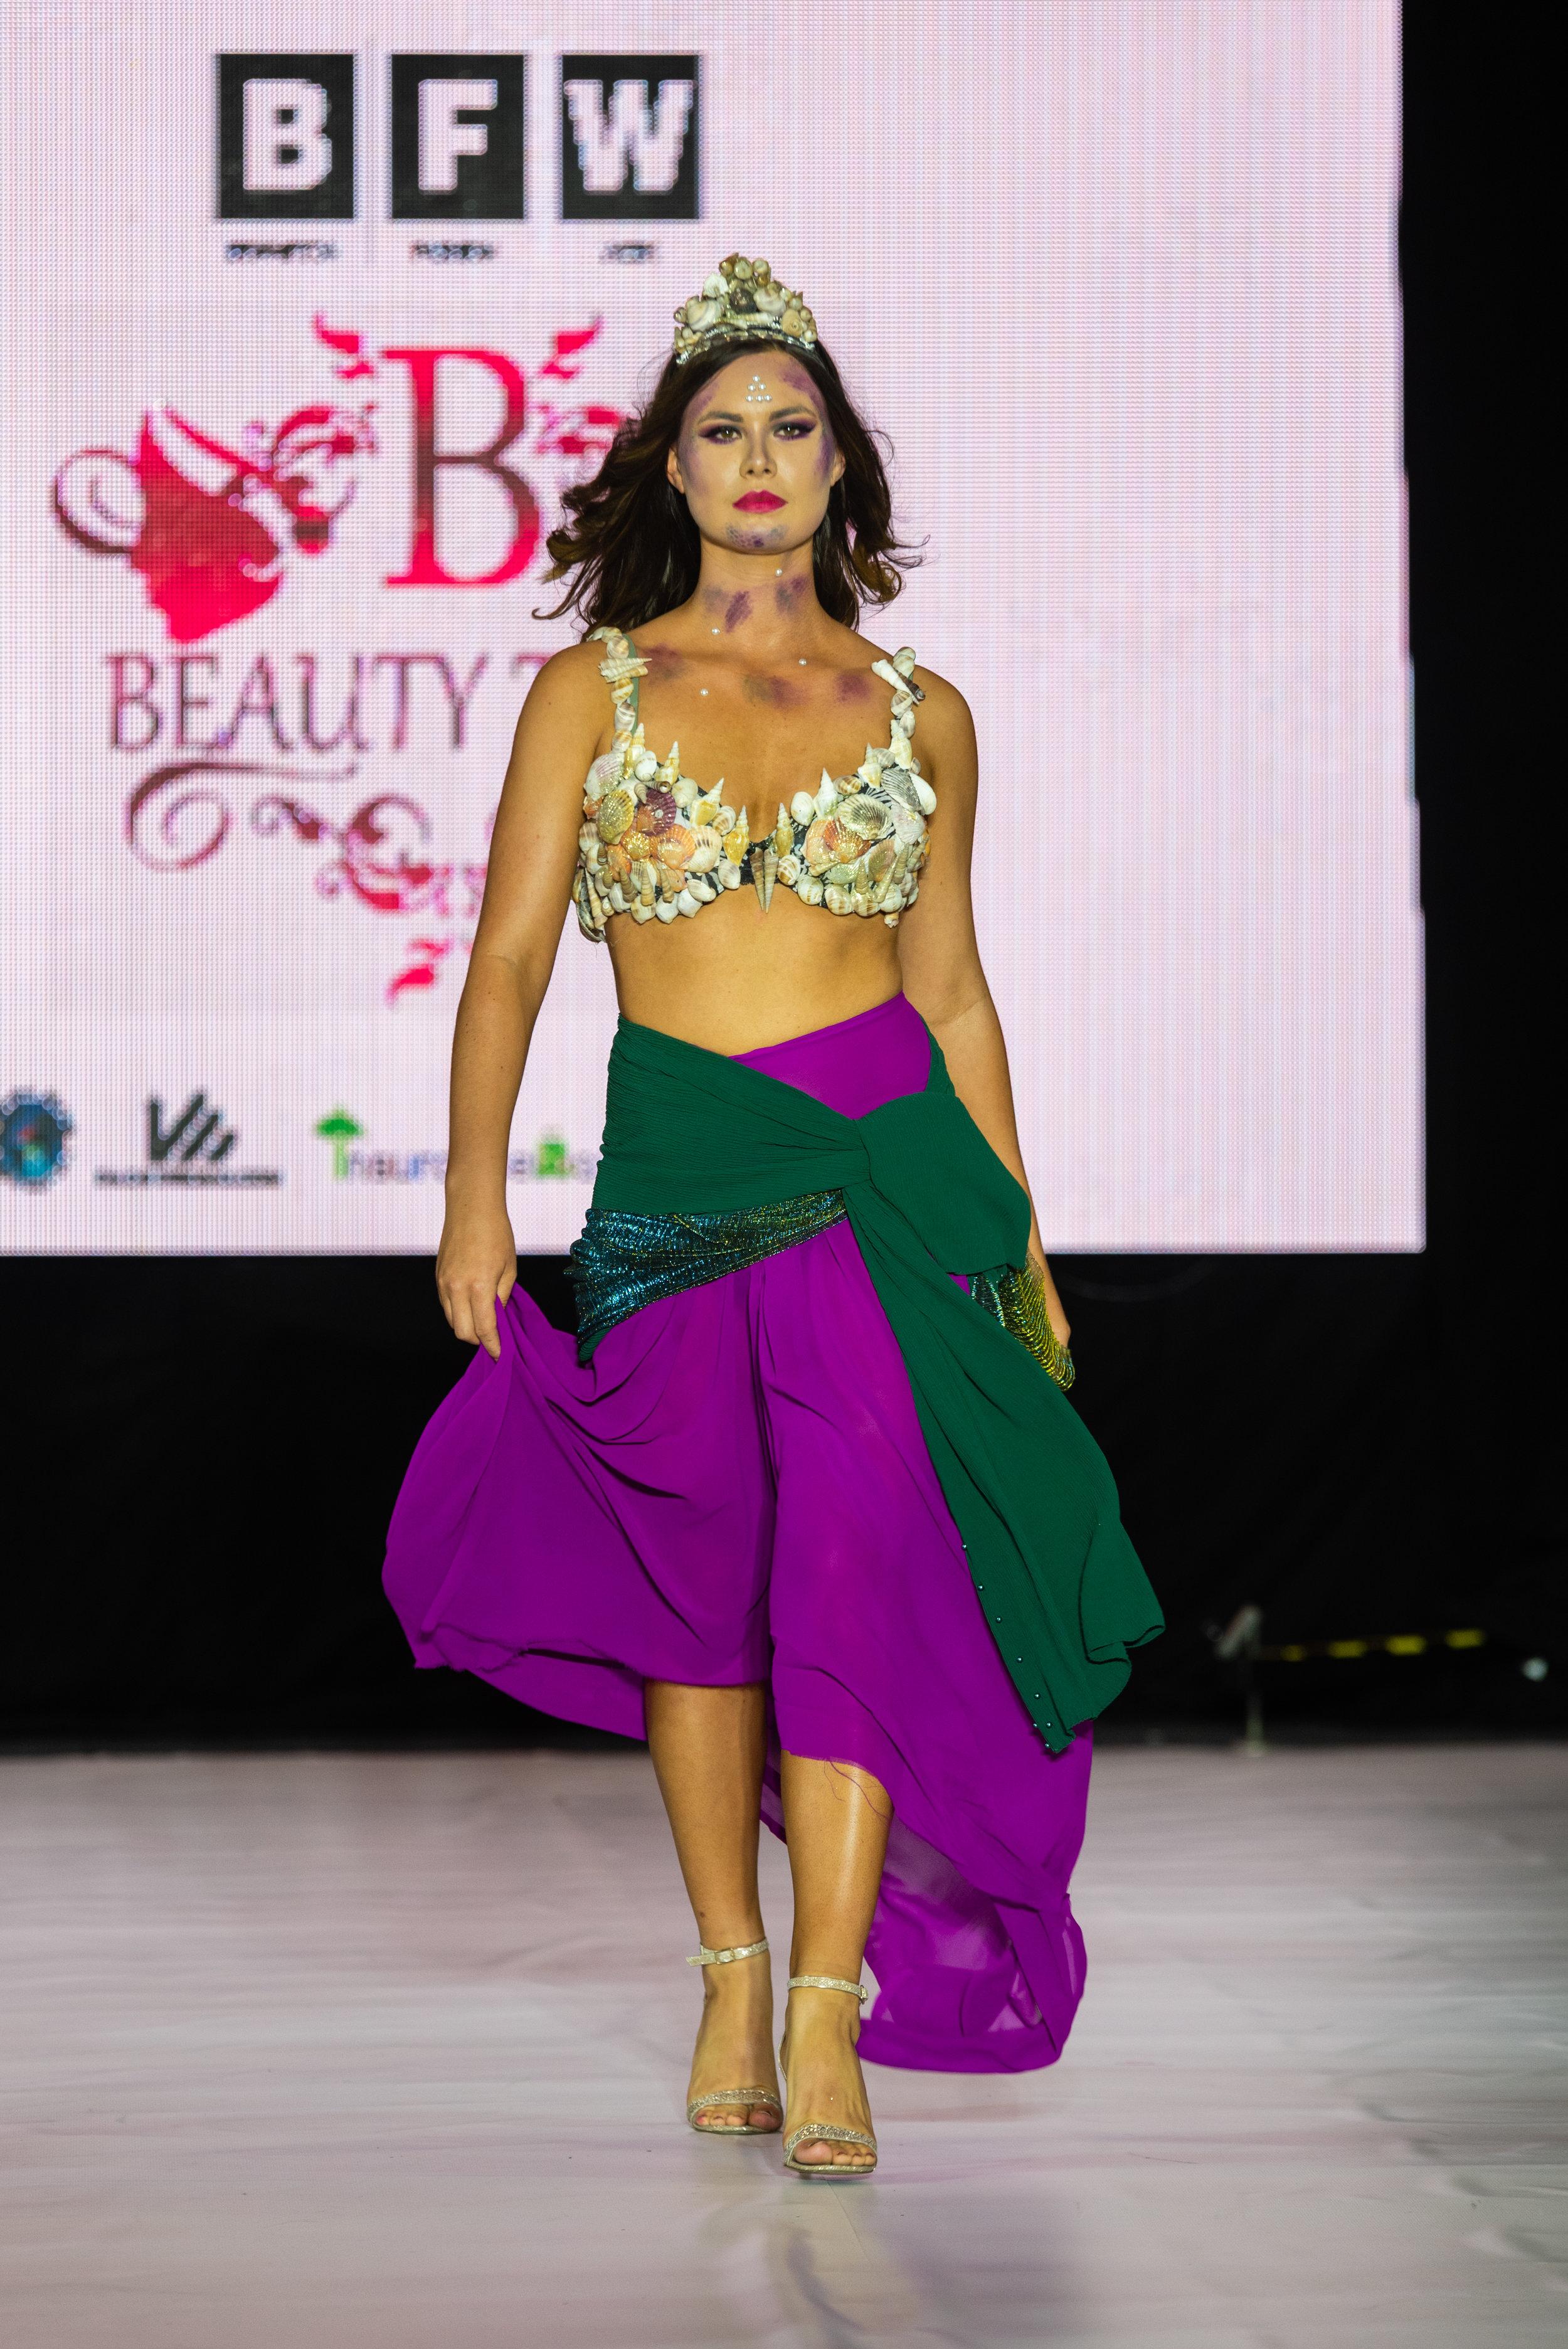 BFW13 - Beauty Talkz-SKN_5281.jpg